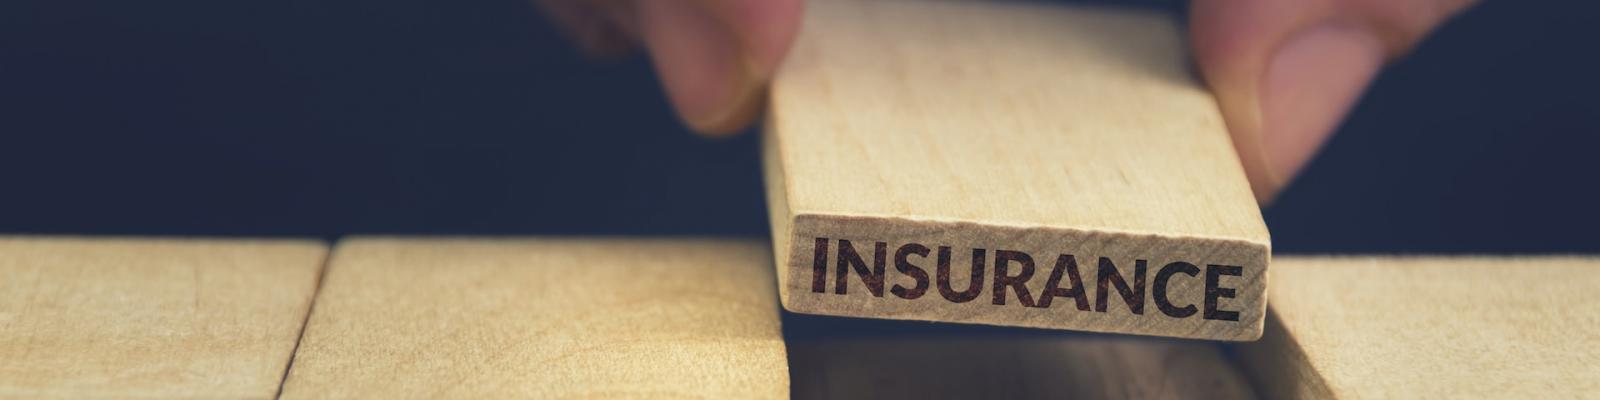 L'assurance-vie comme outil de planification successorale